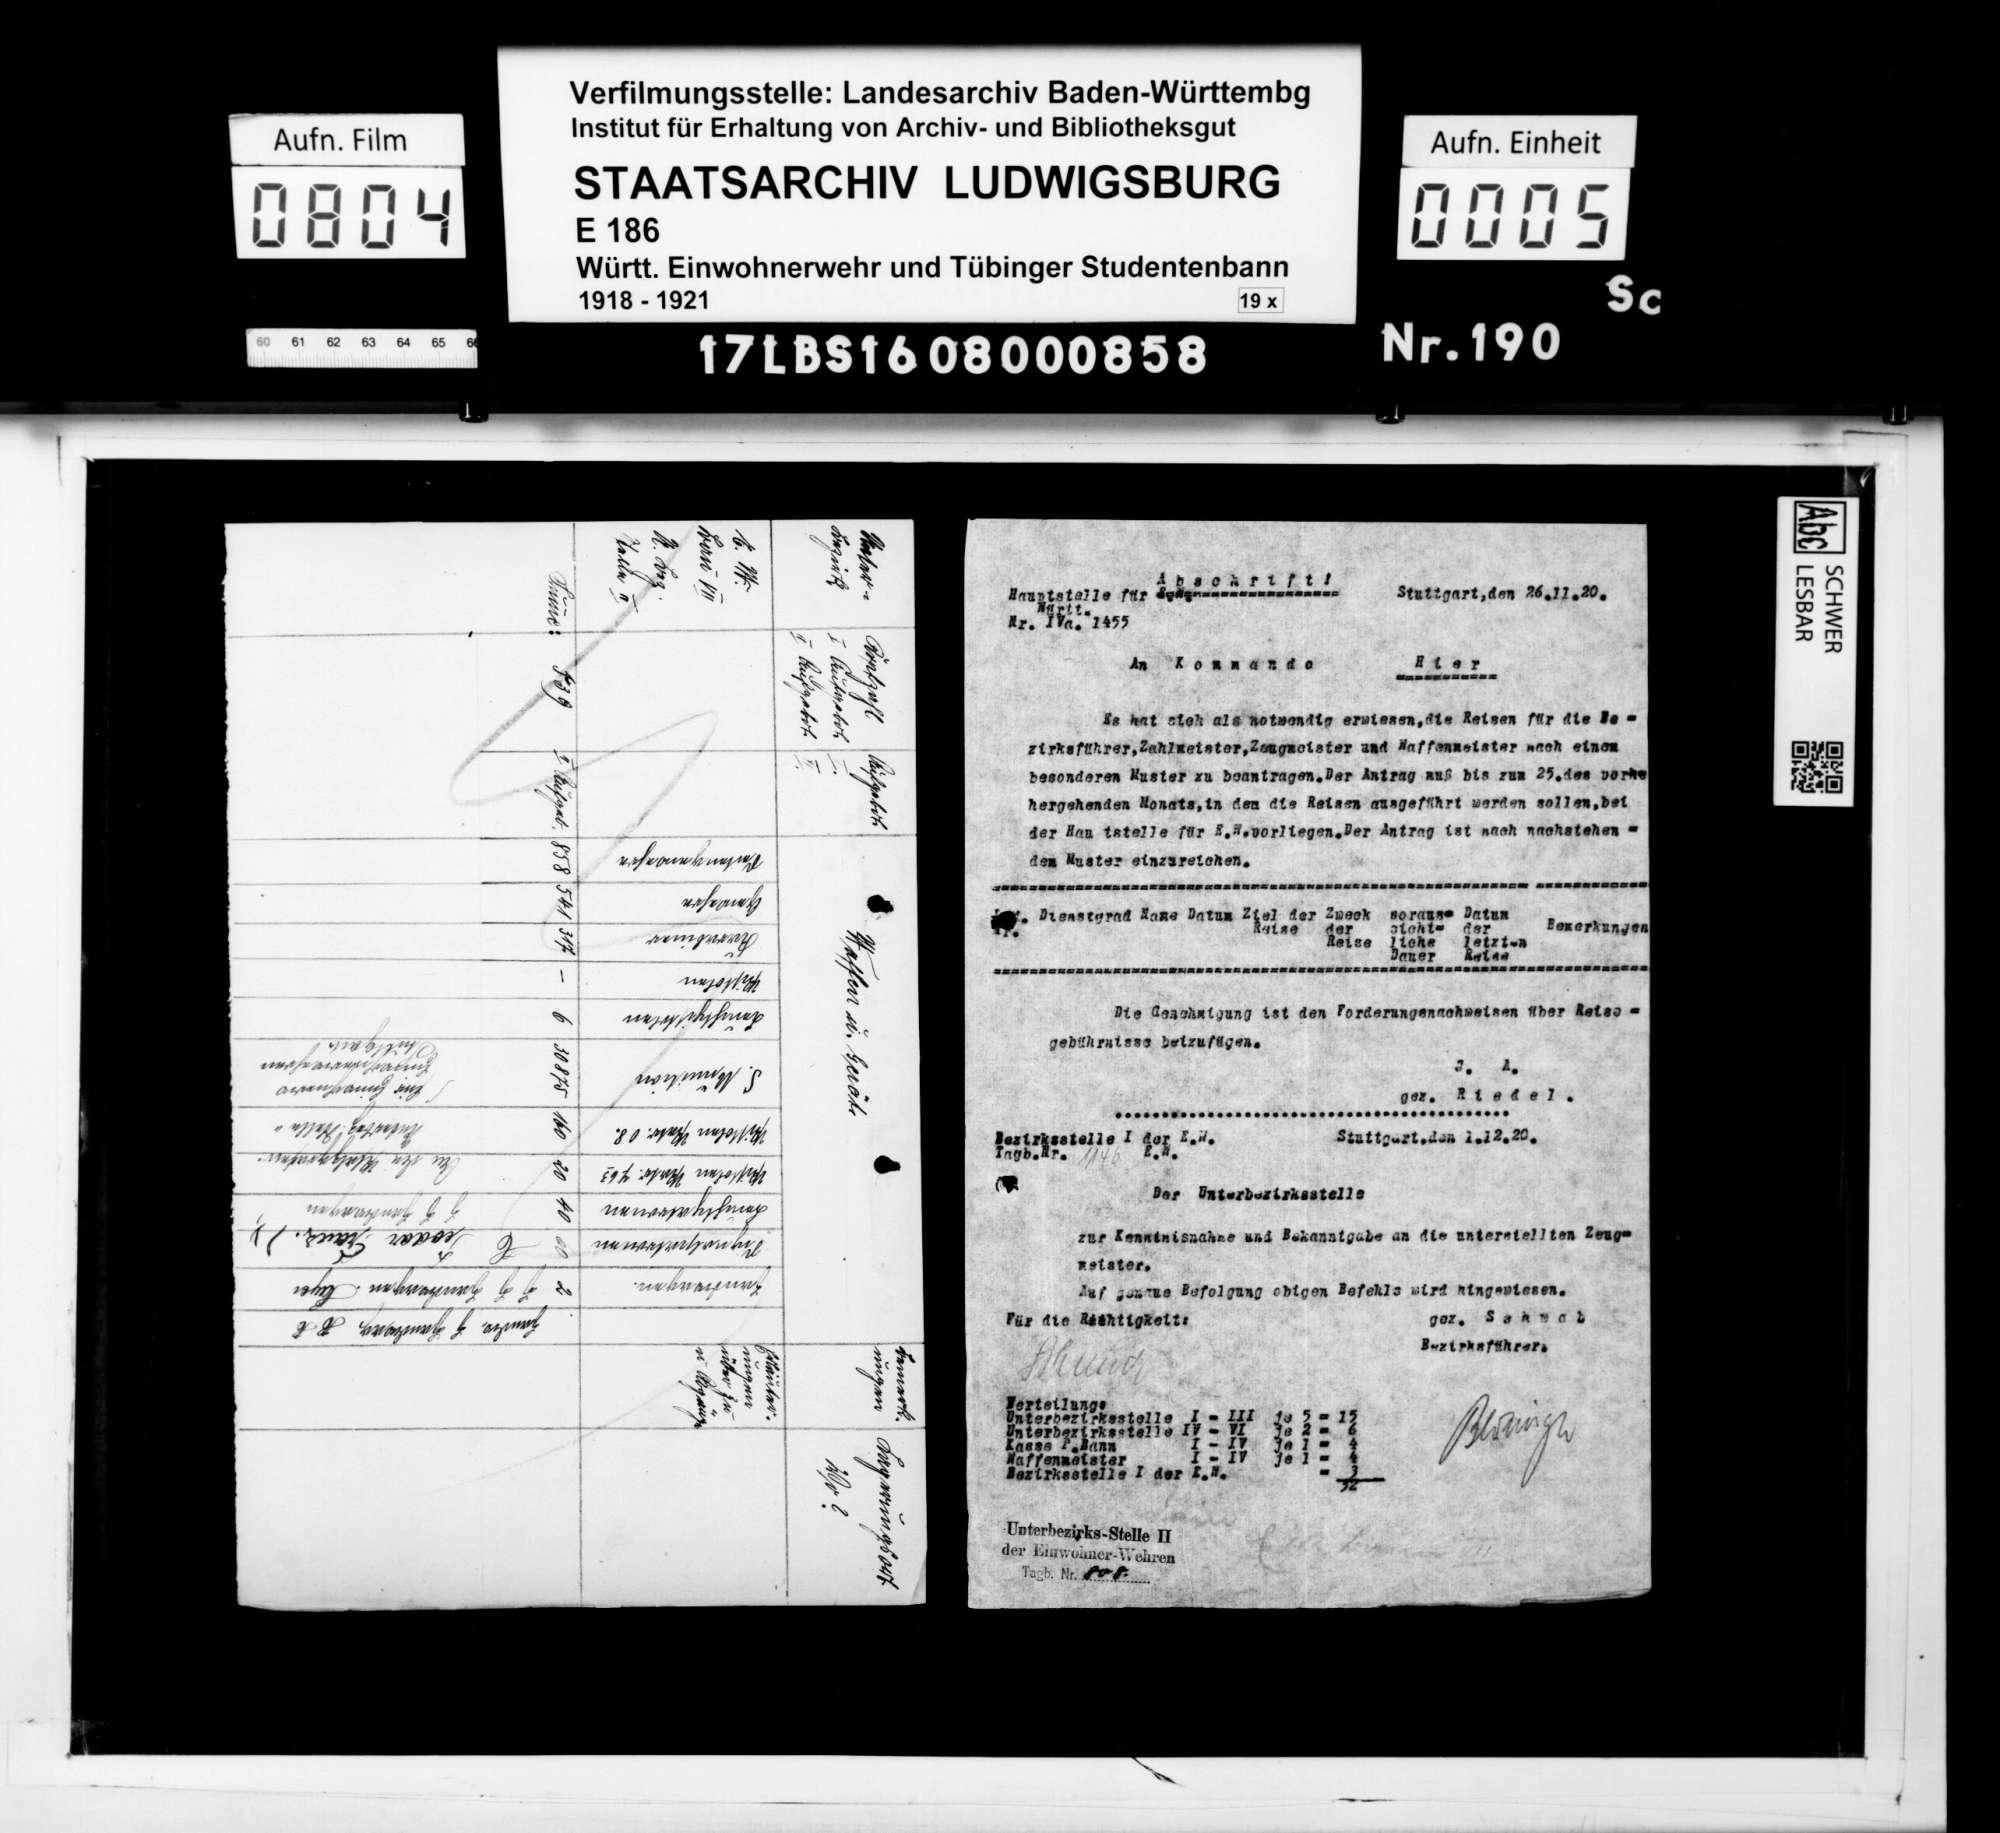 Anweisungen der Hauptstelle für Einwohnerwehren Württembergs, Bild 3